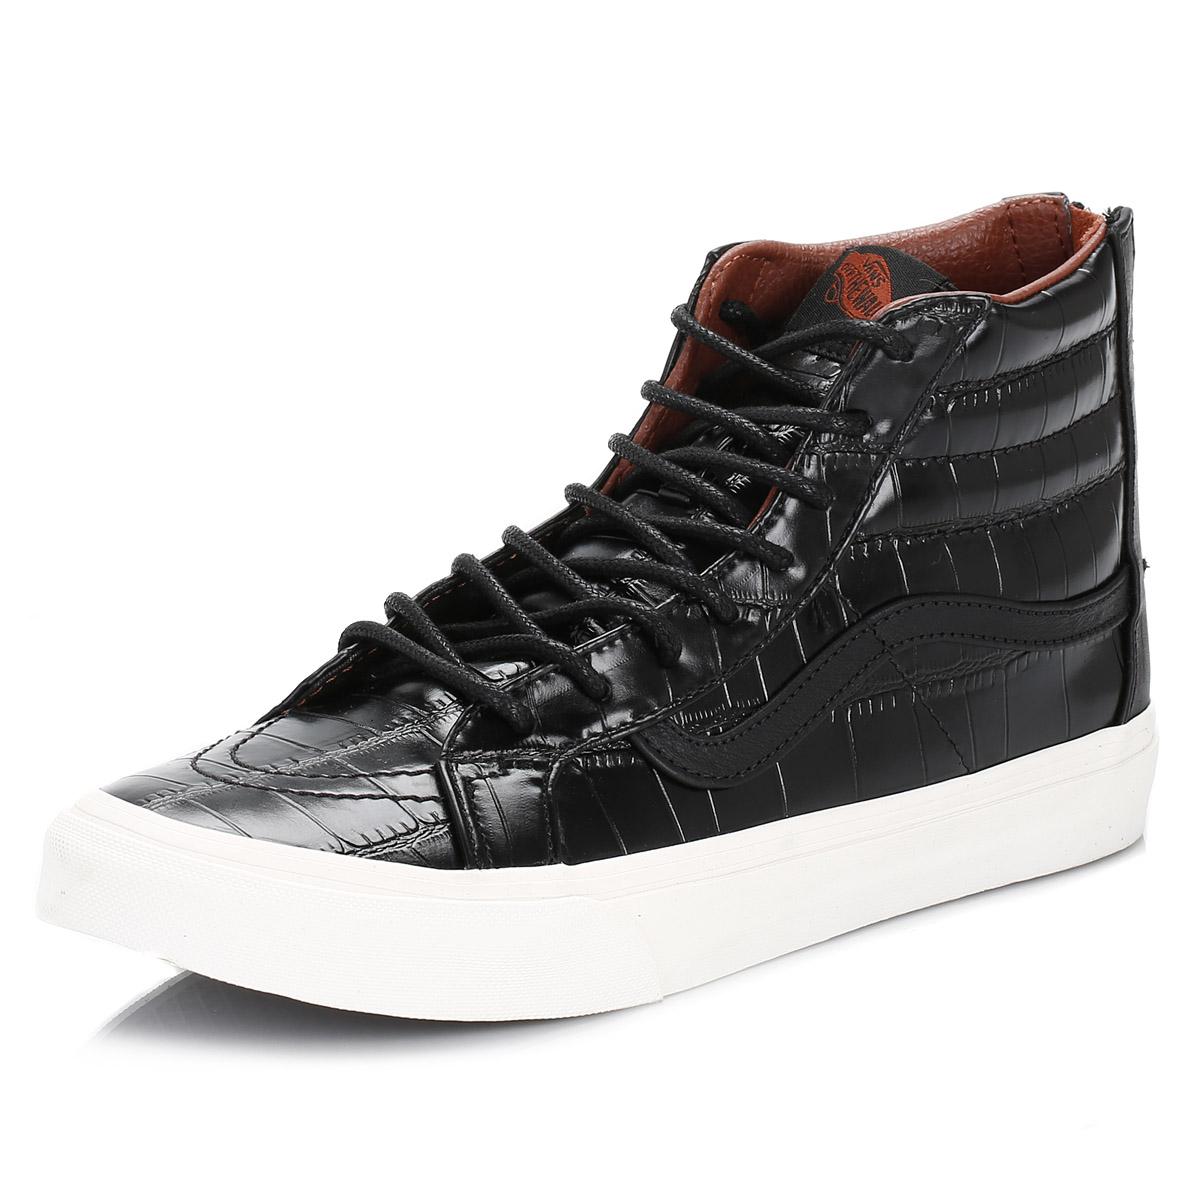 e2cba7b833 Zapatillas Vans Para Mujer Zapatillas Cuero Cocodrilo Negro SK8-Hi ...